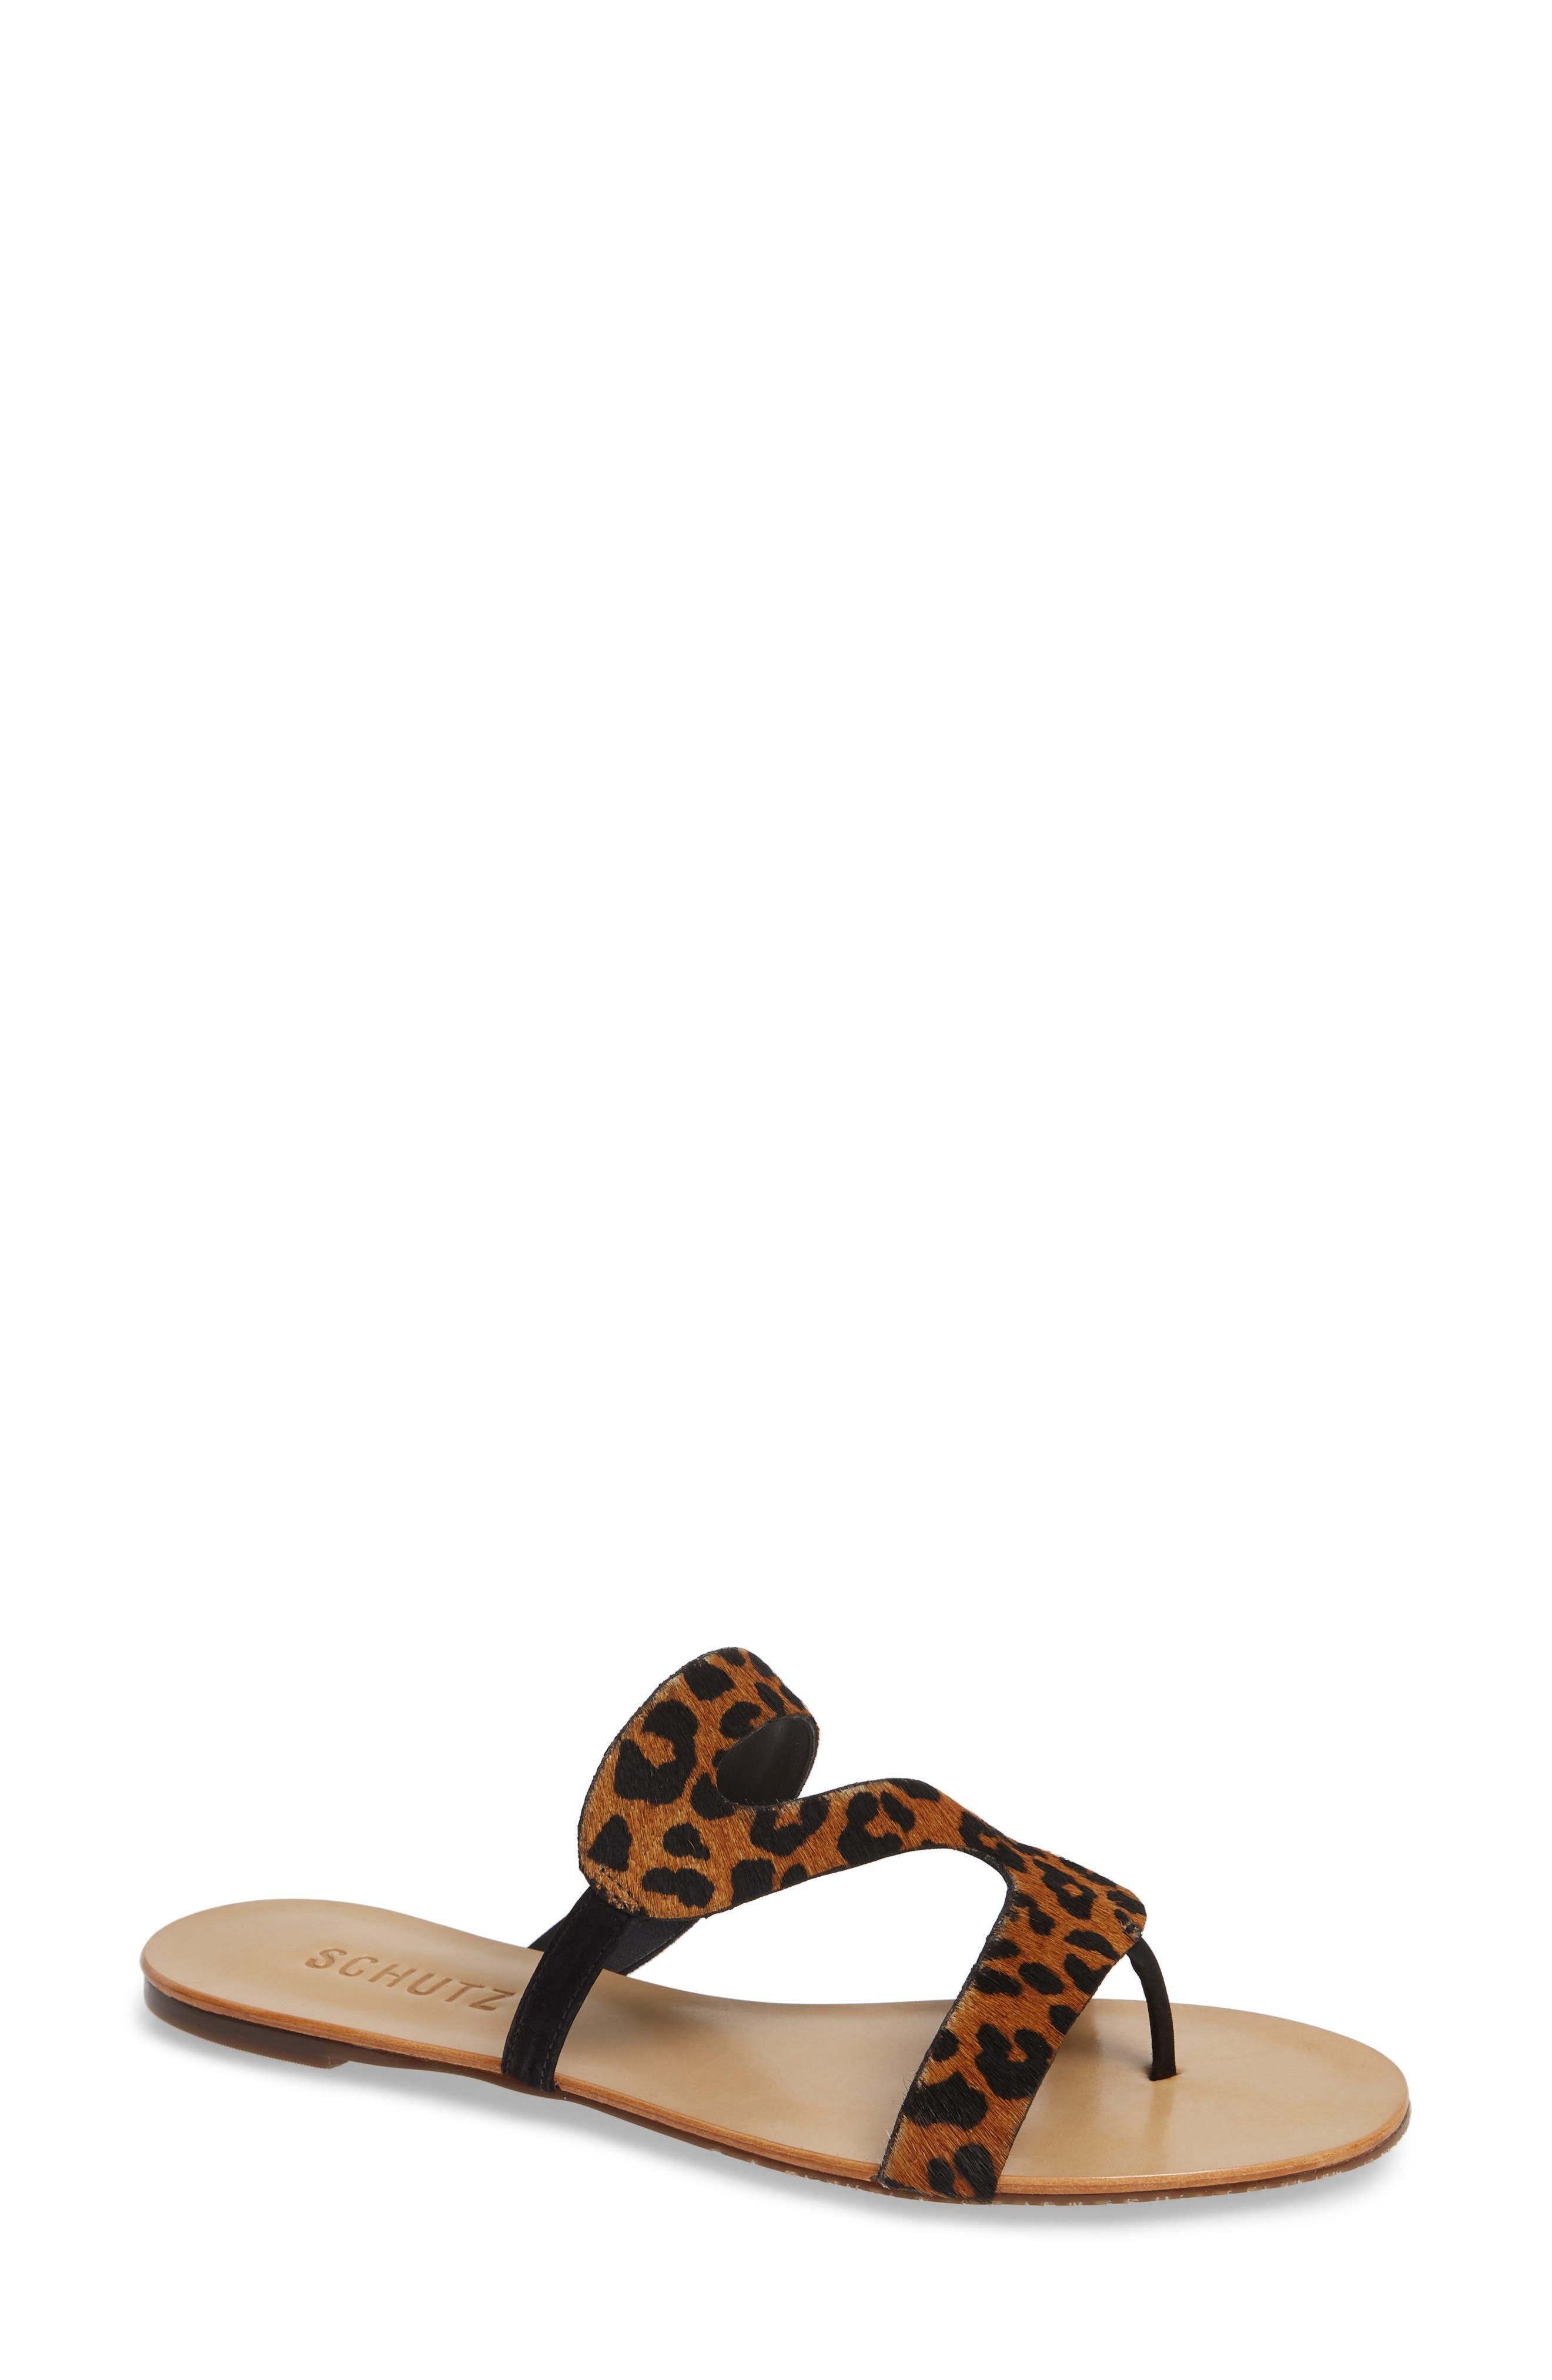 Schutz Erzeli Genuine Calf Hair Slide Sandal, Black